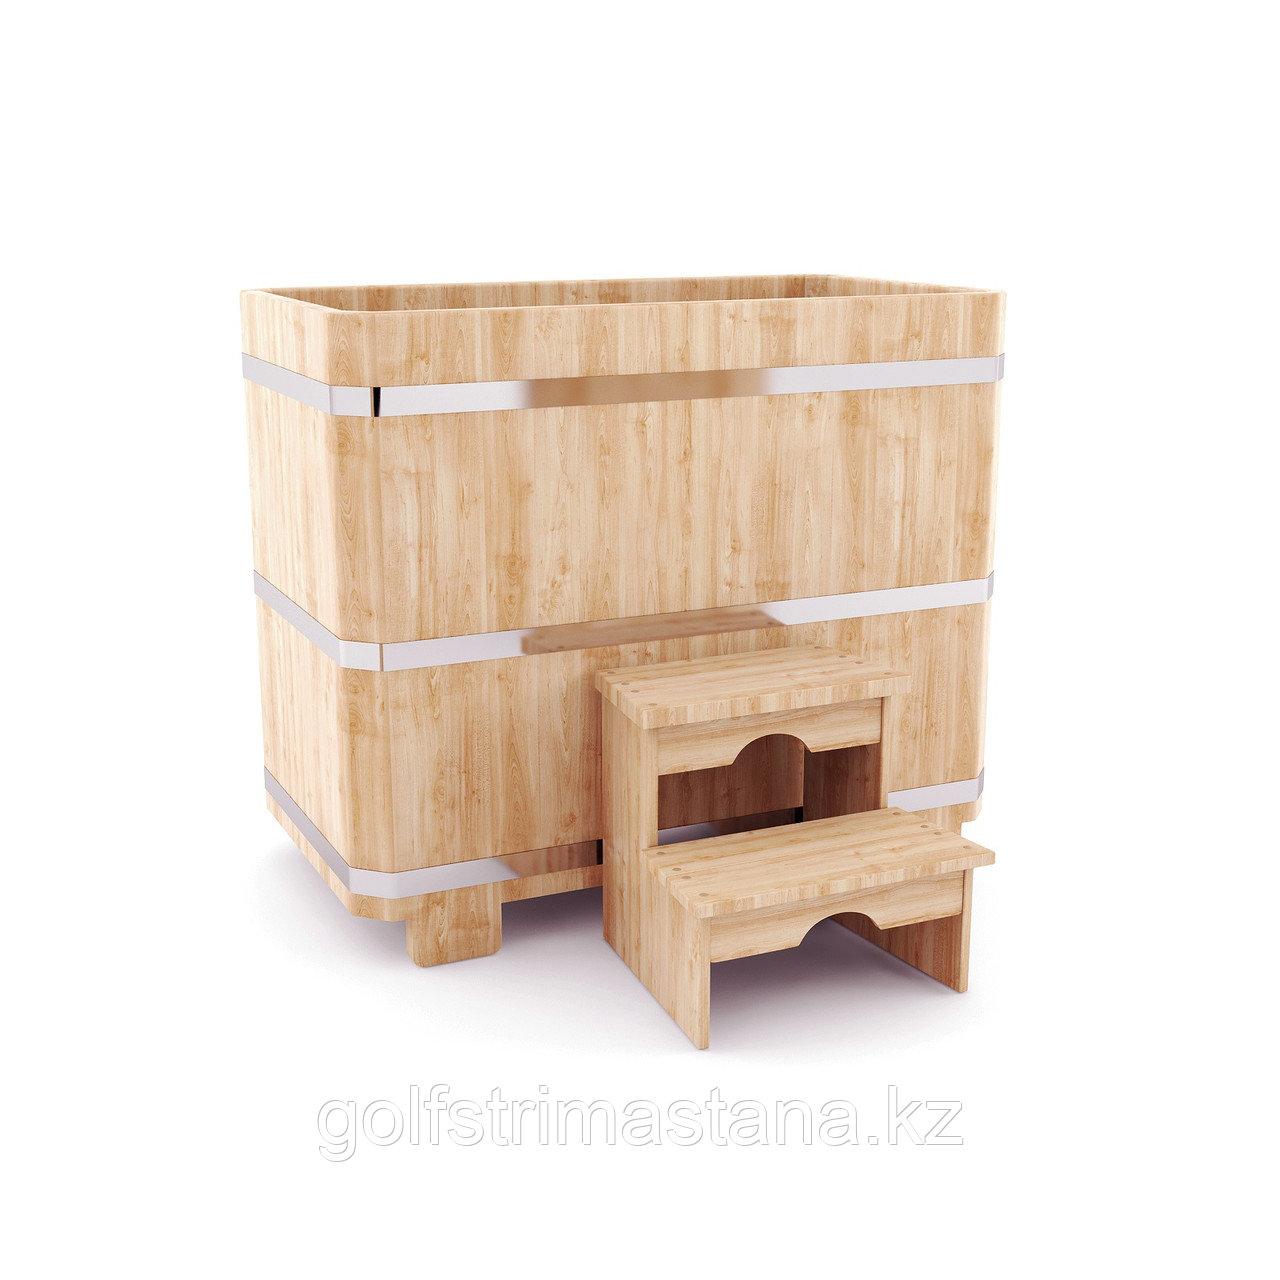 Купель кедровая, прямоугольная, 120*78*120/4 см